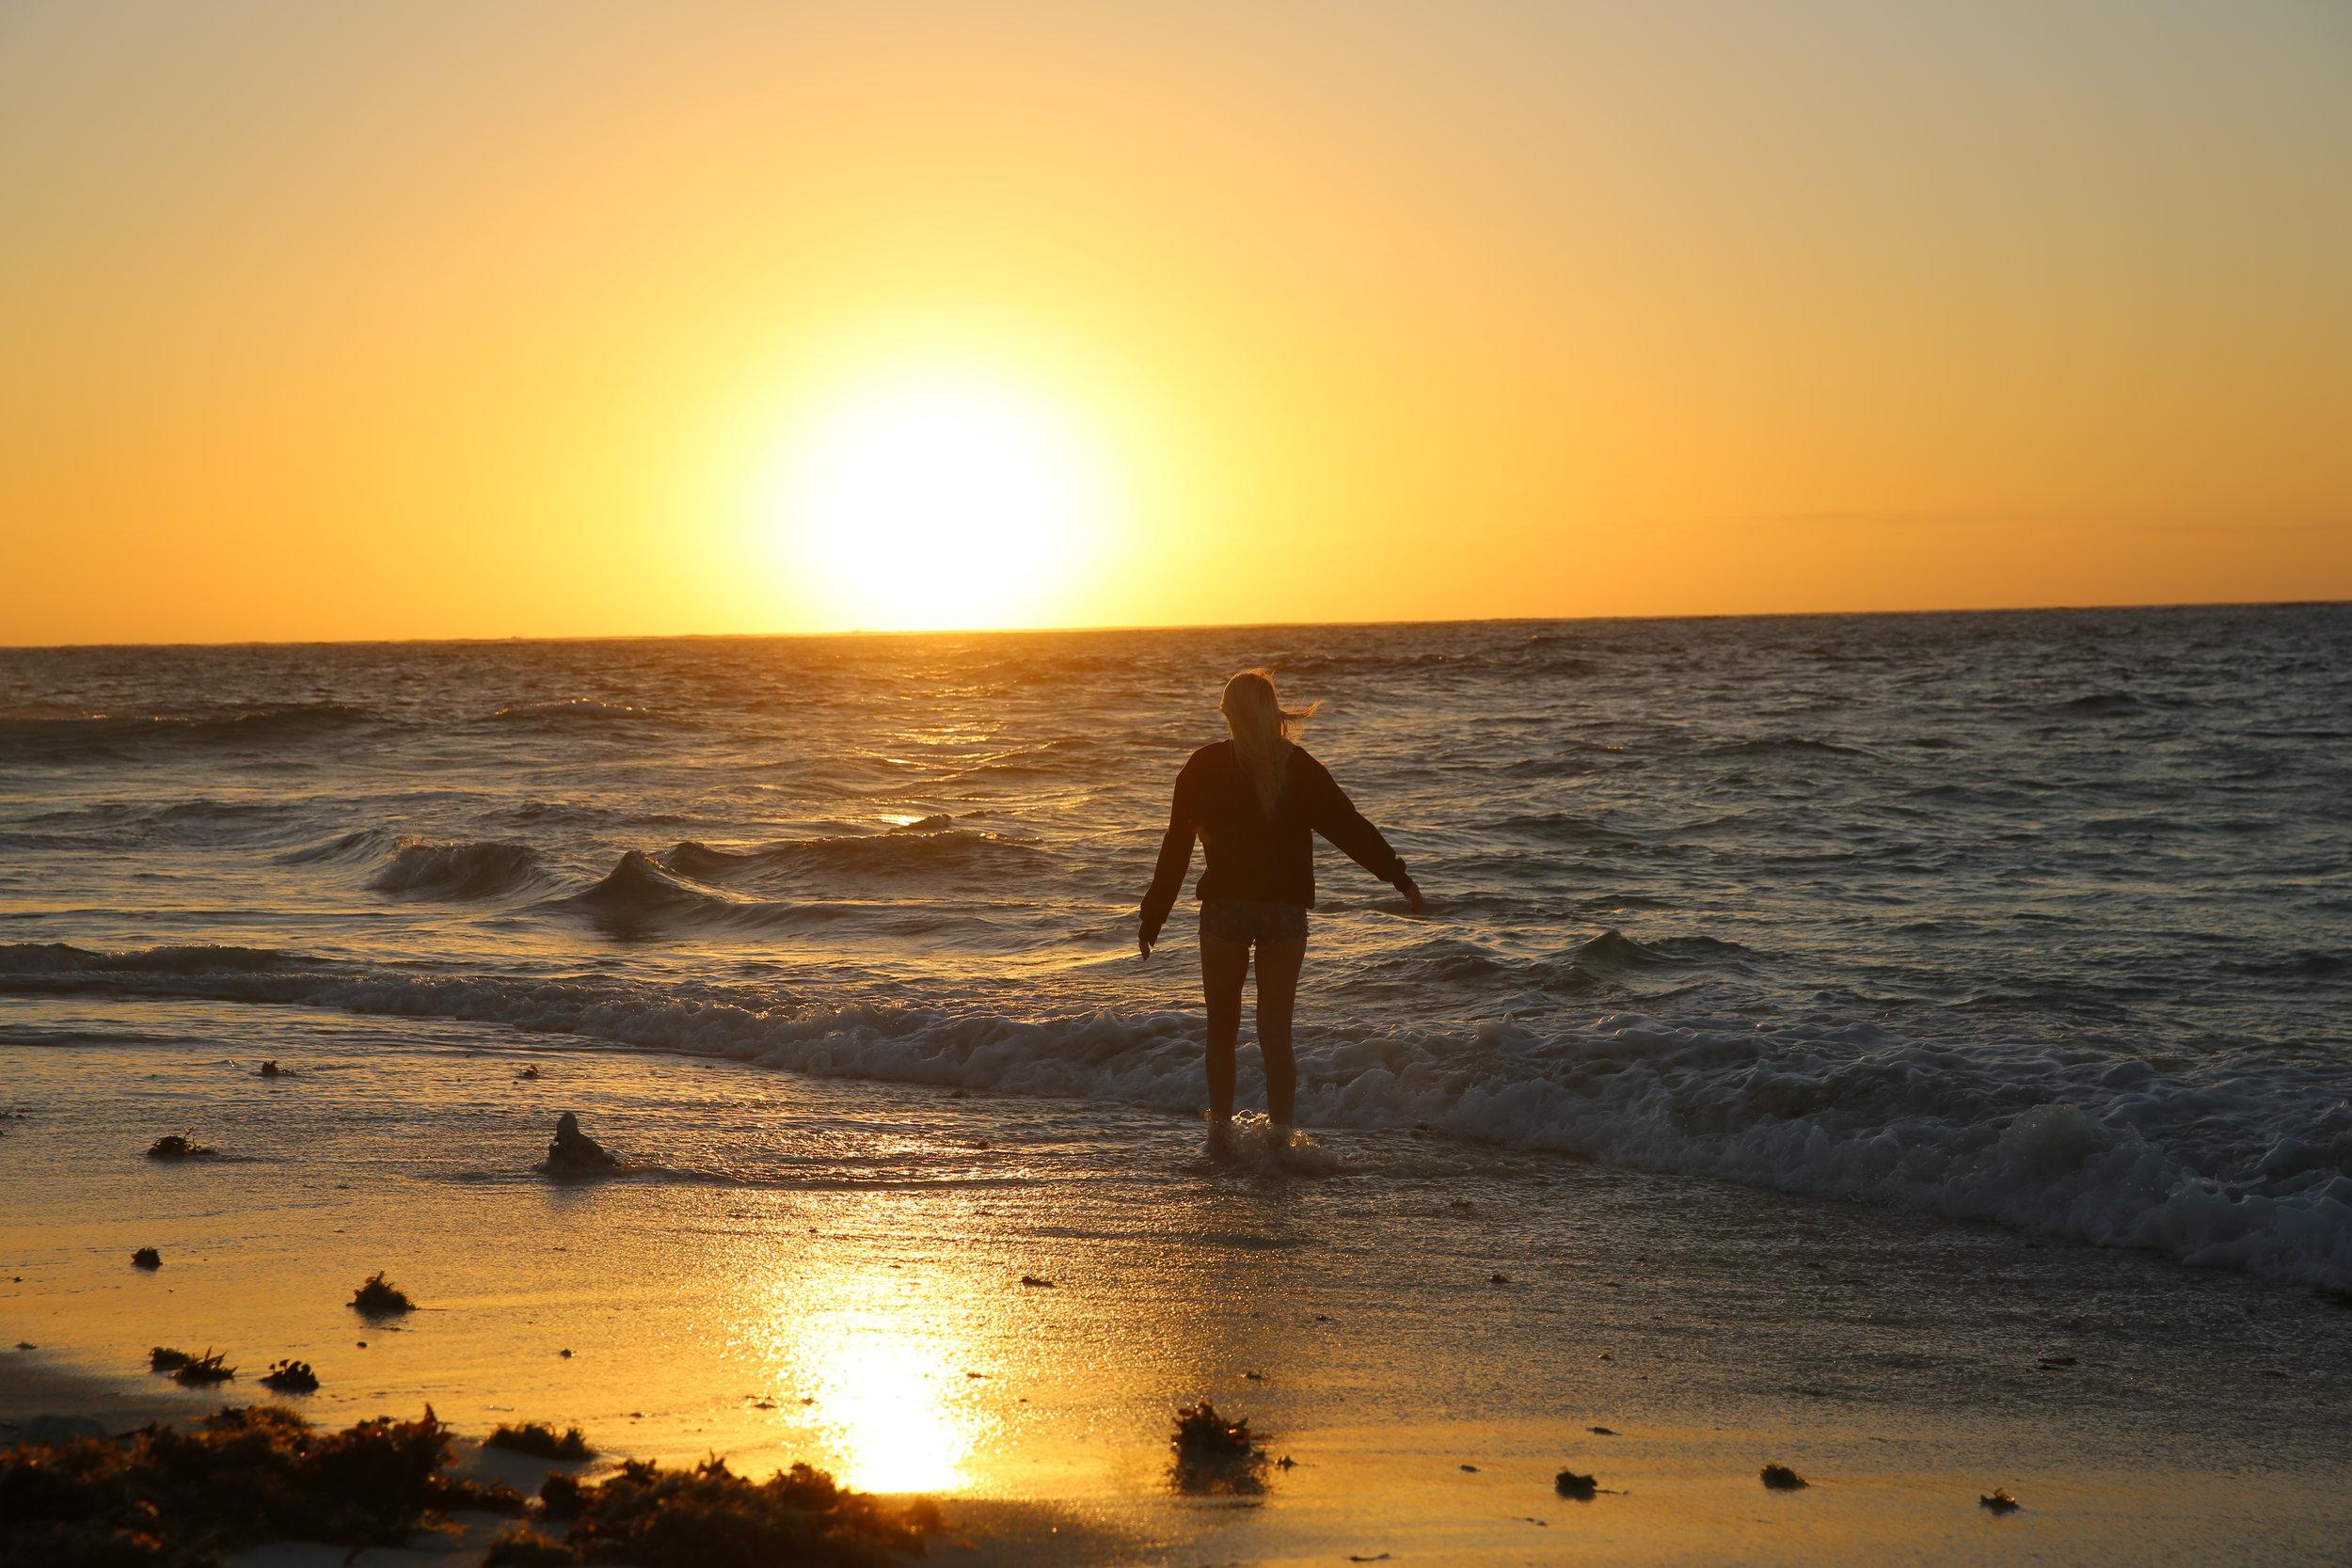 naked island at sunrise